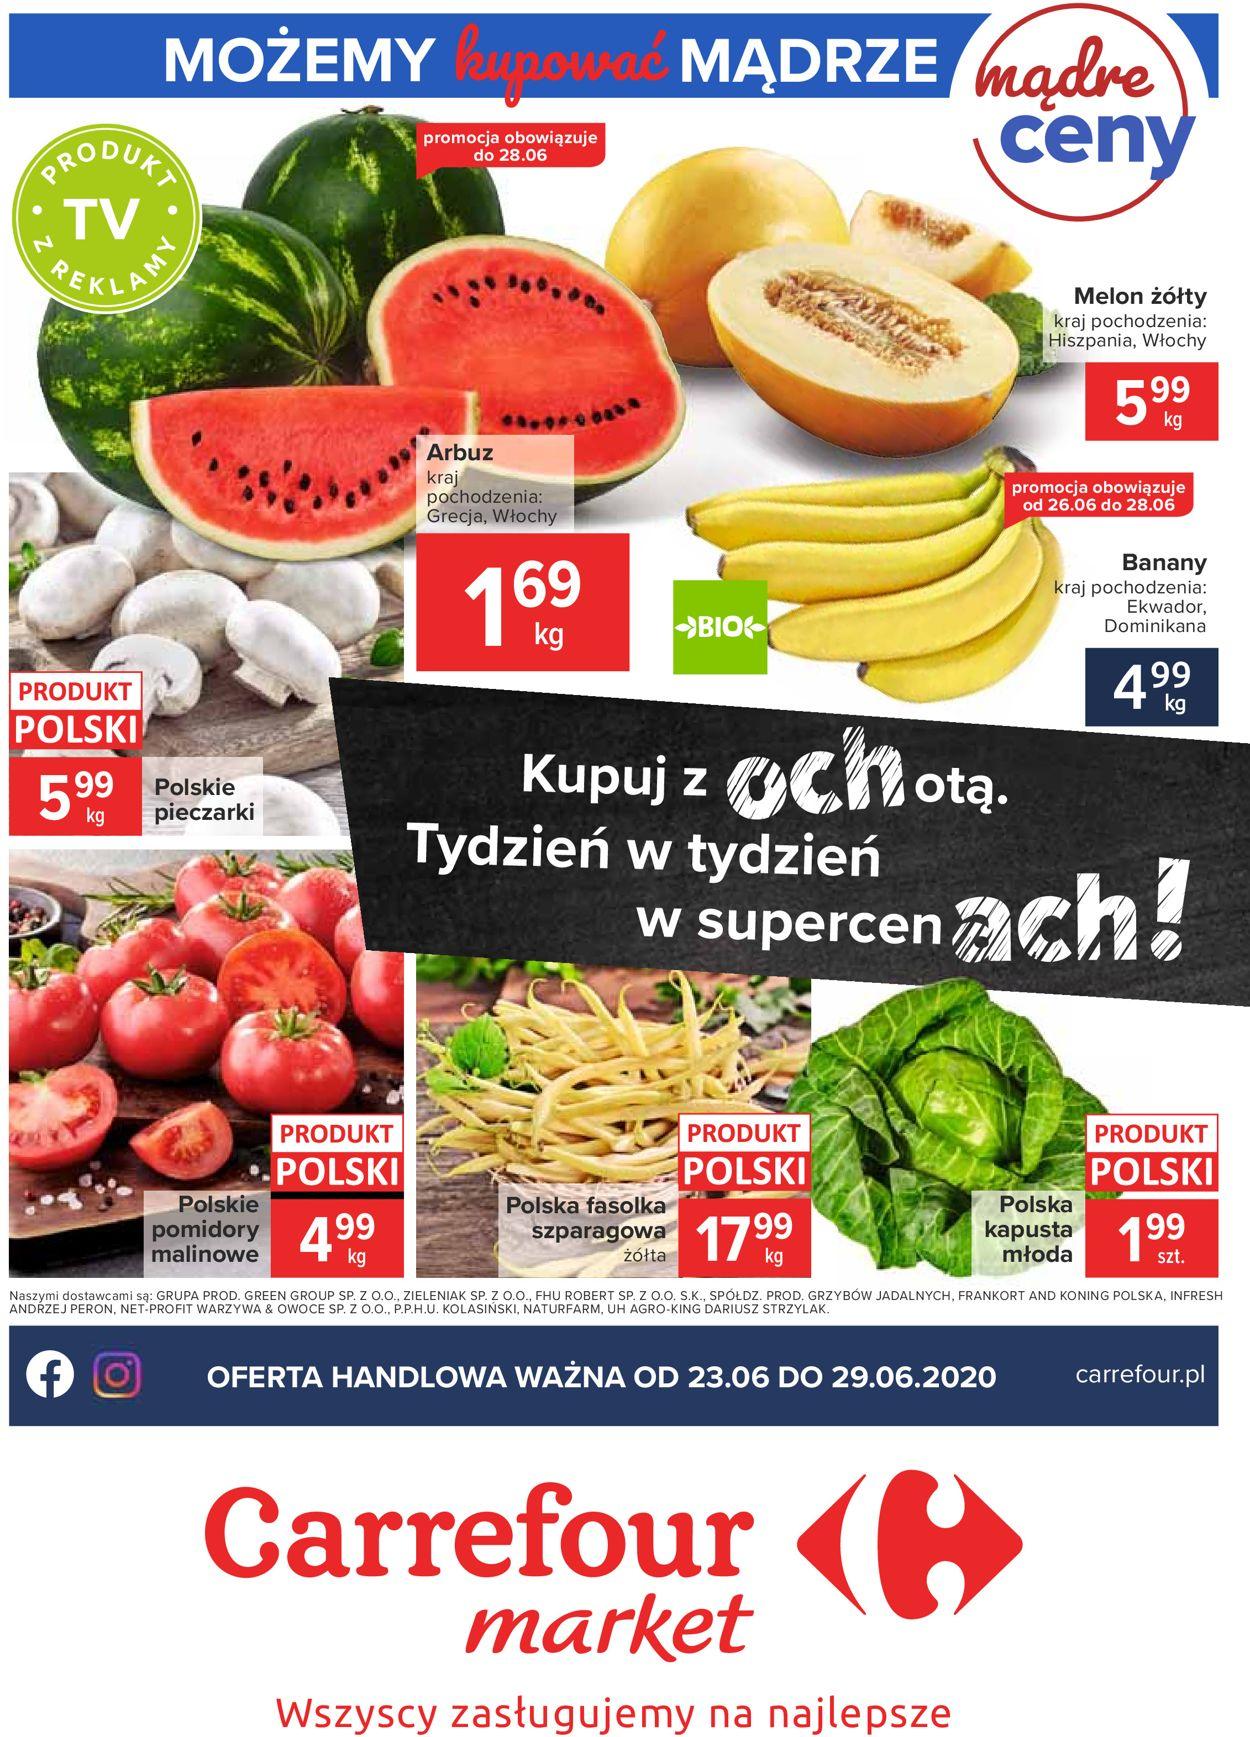 Gazetka promocyjna Carrefour Market - 23.06-29.06.2020